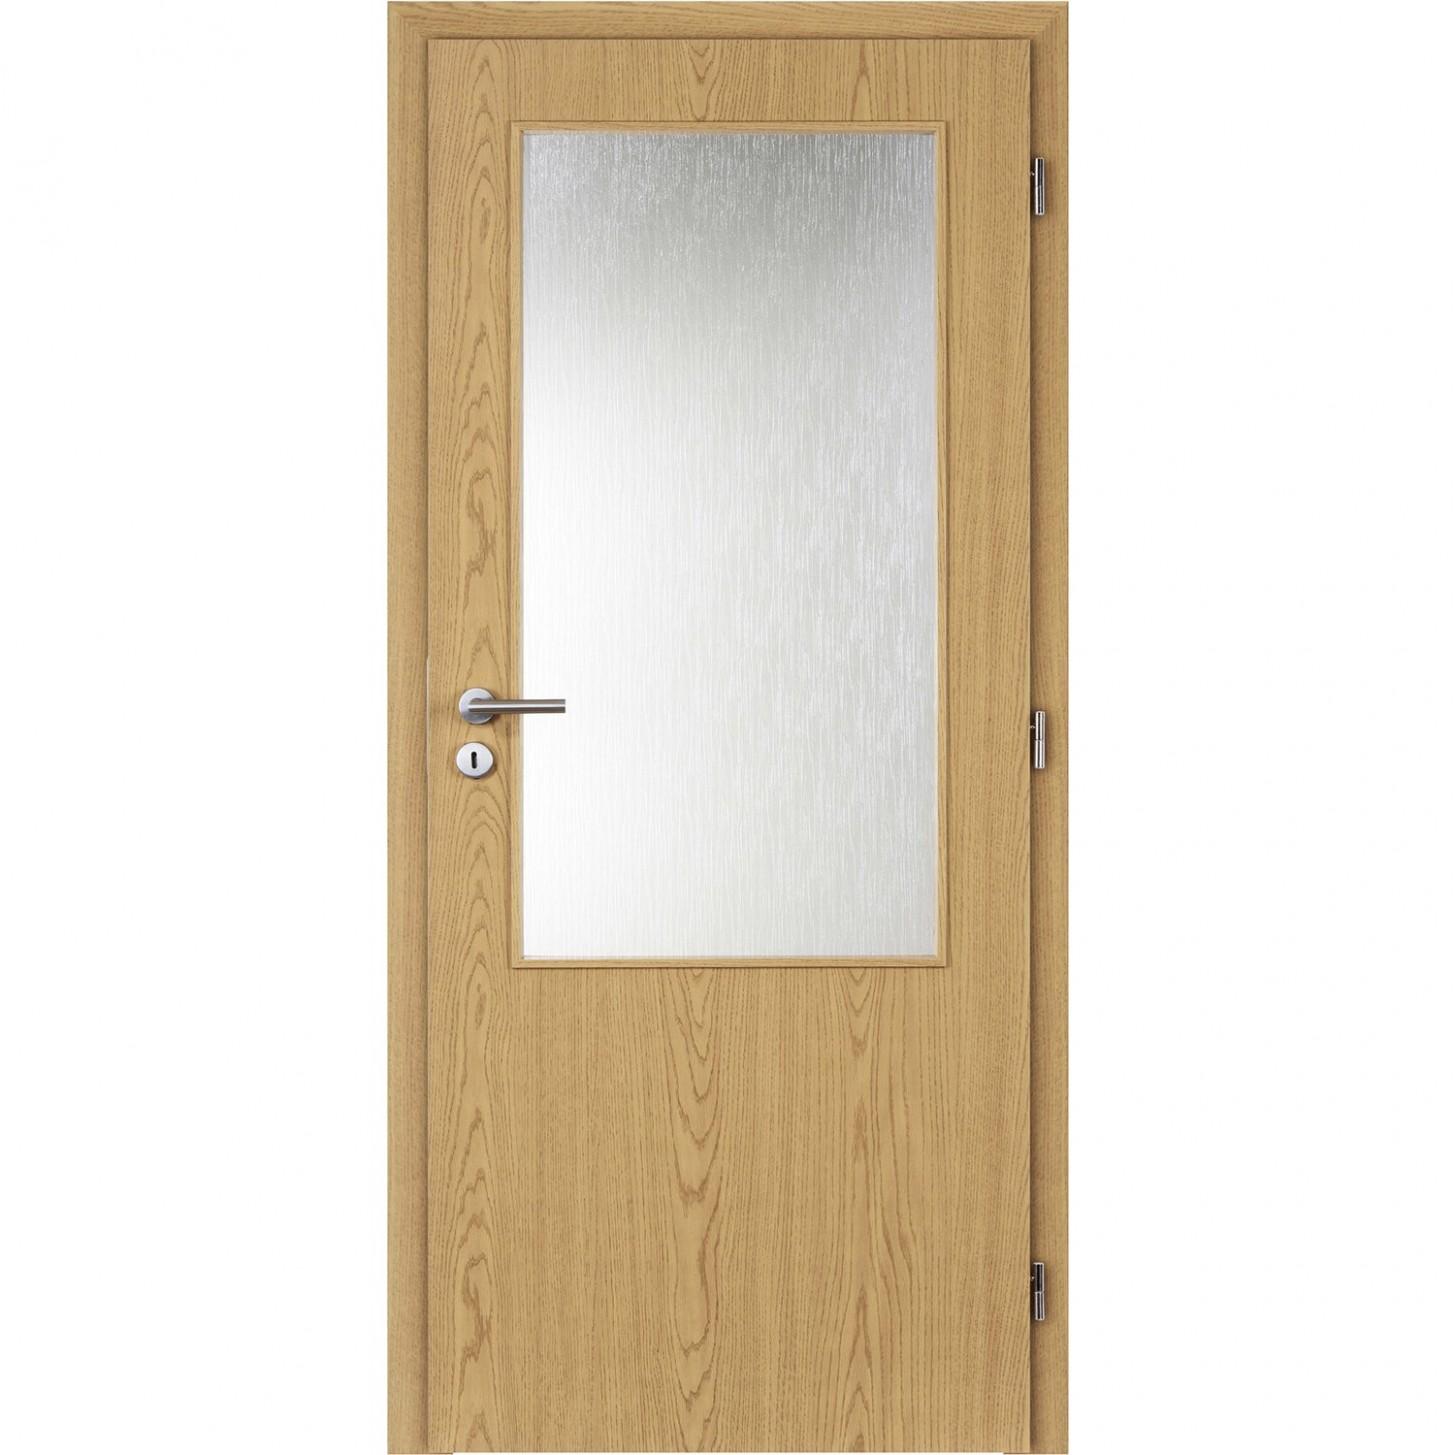 Masonite Interiérové dveře 7 L 7 / 7 sklo fóliované dub